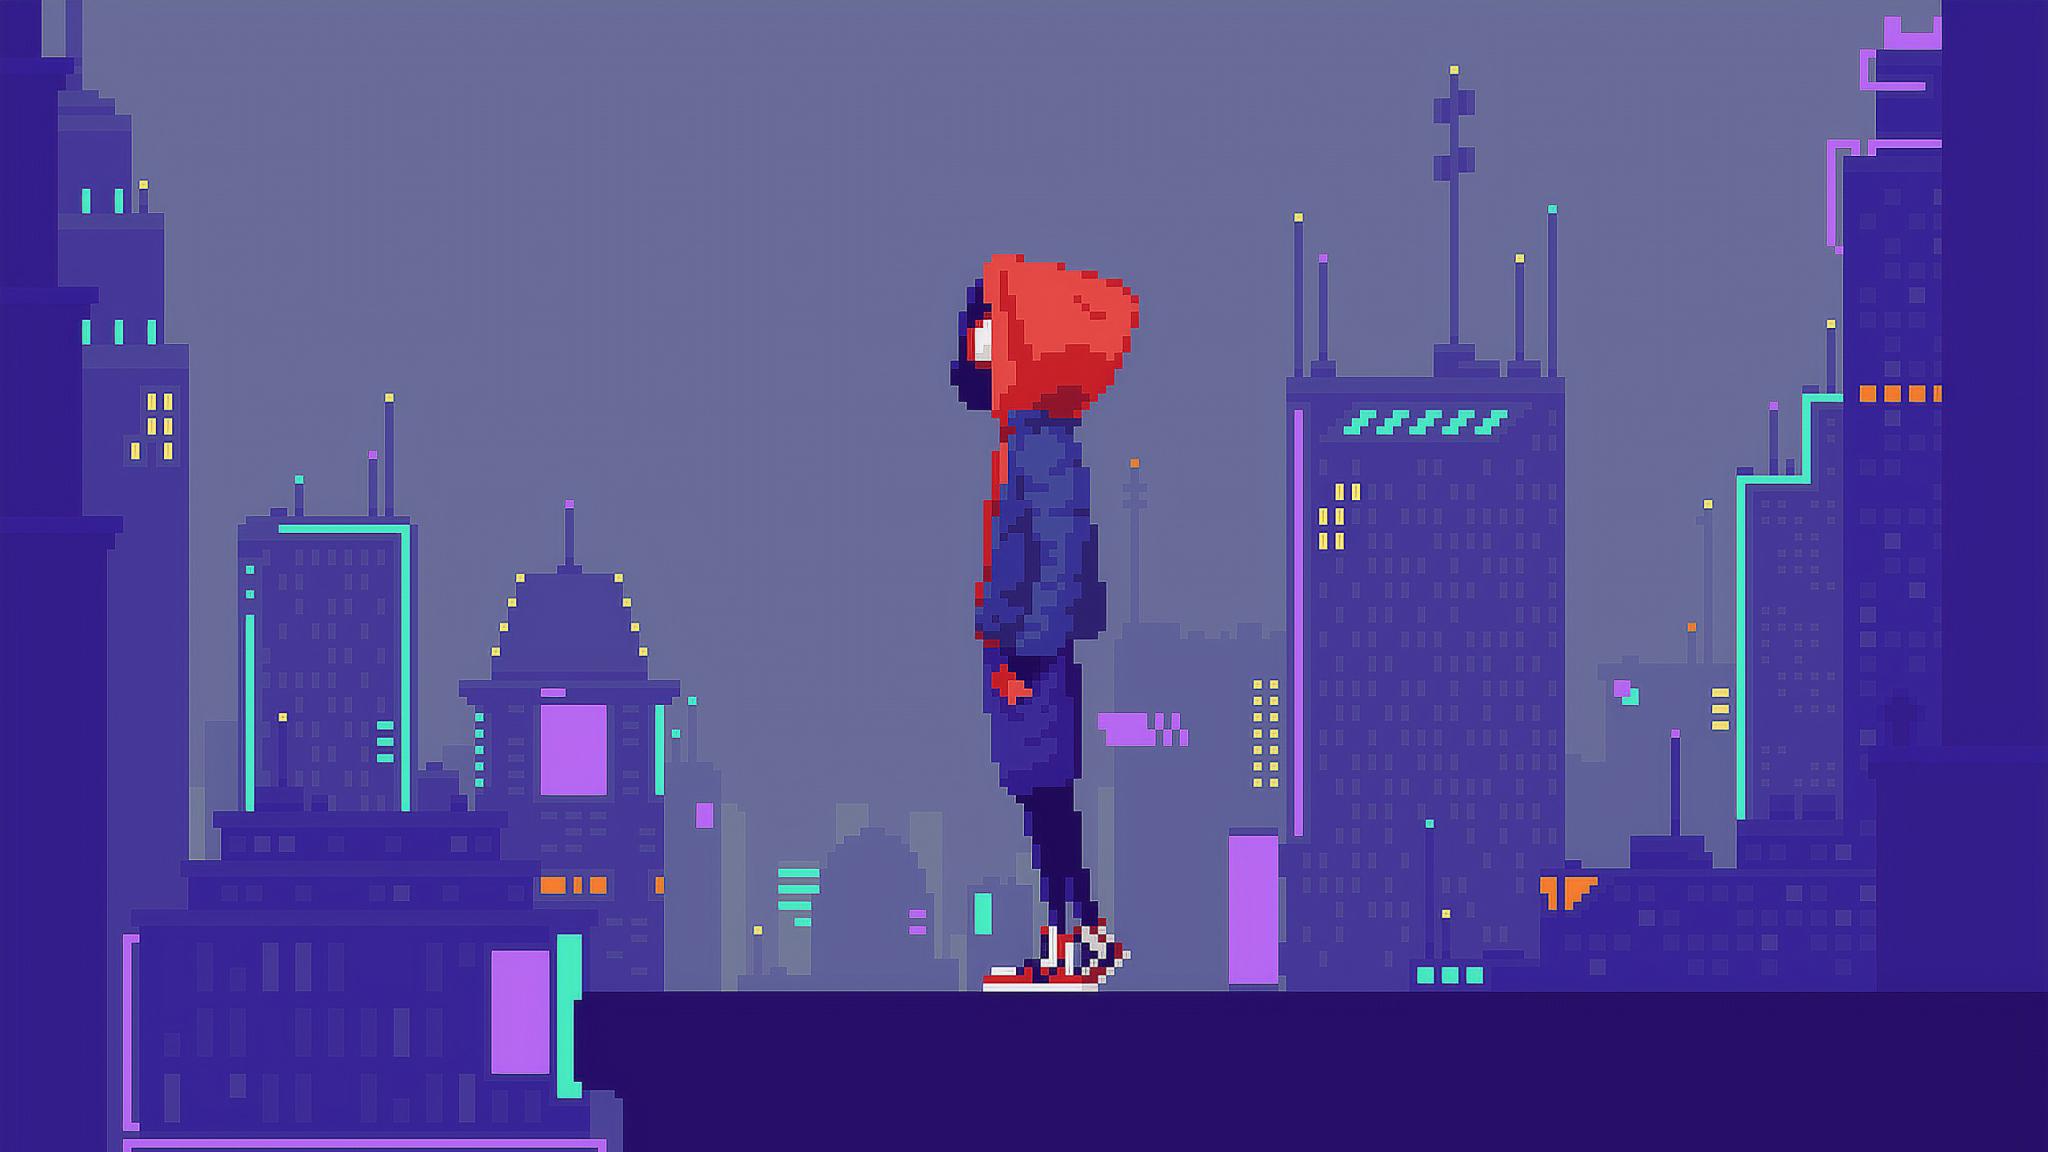 2048x1152 Spider Man Pixel Art 2048x1152 Resolution